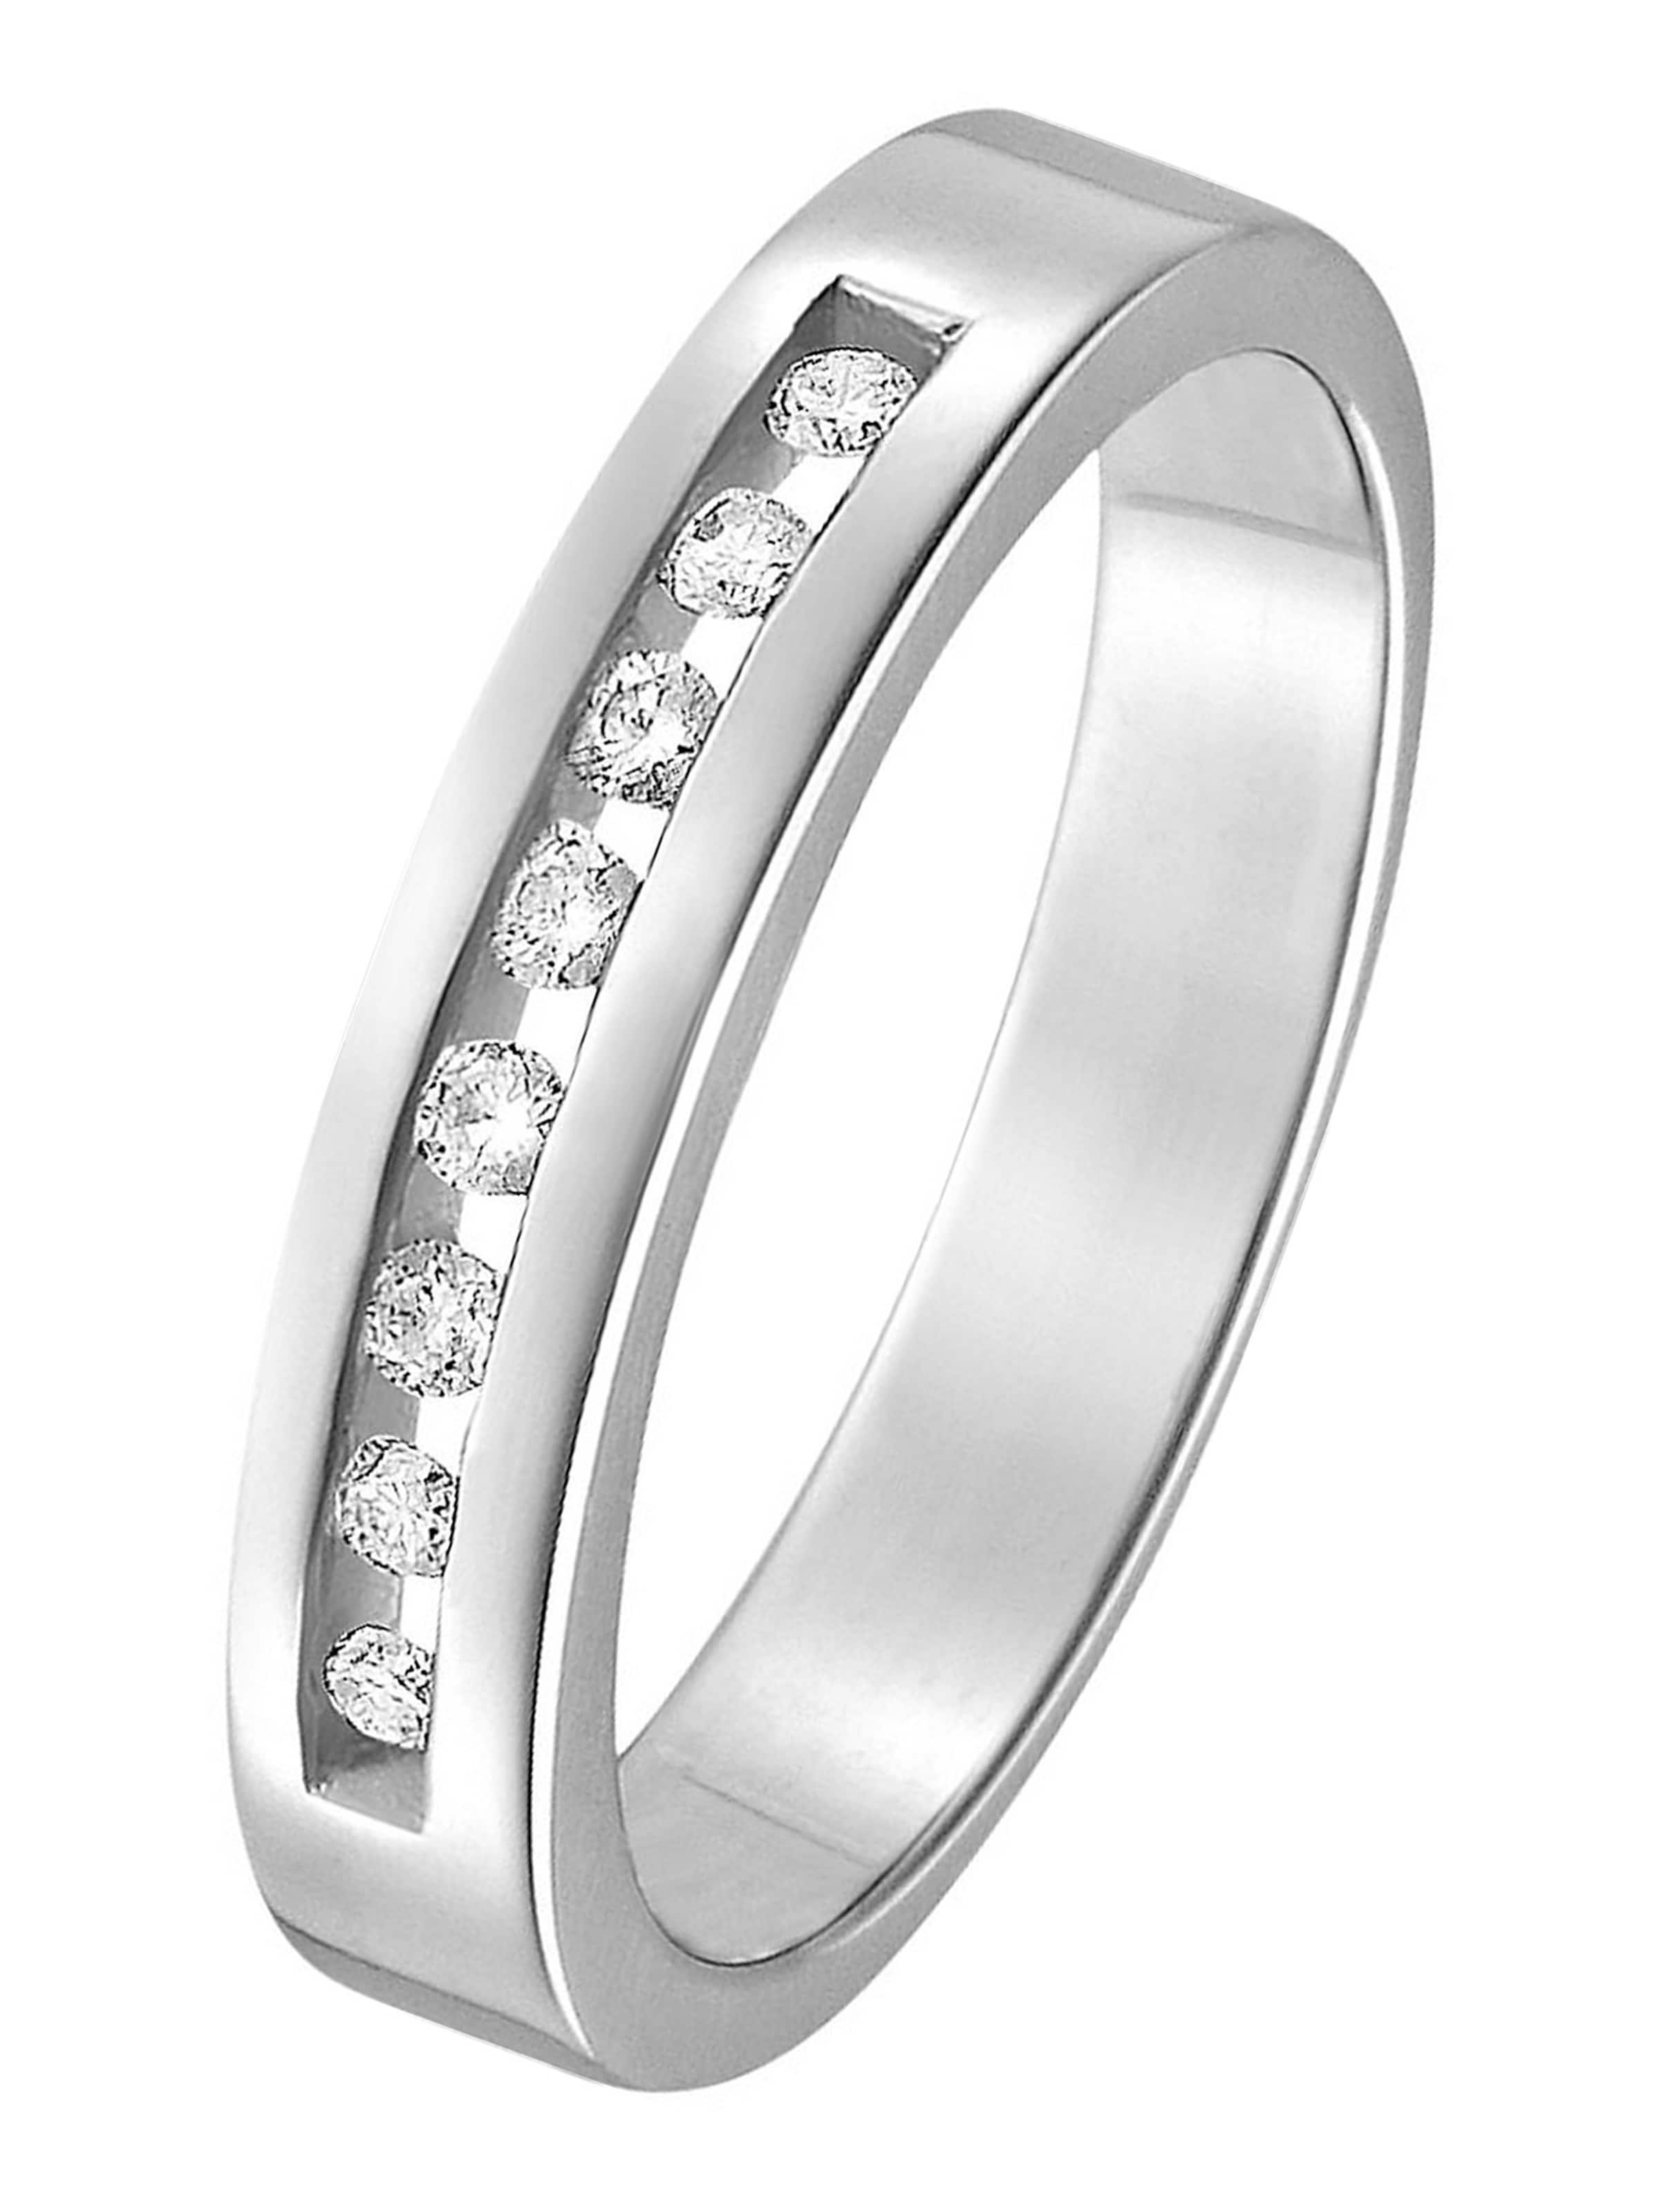 Silber In Christ Christ Ring Ring c3LARqS5j4